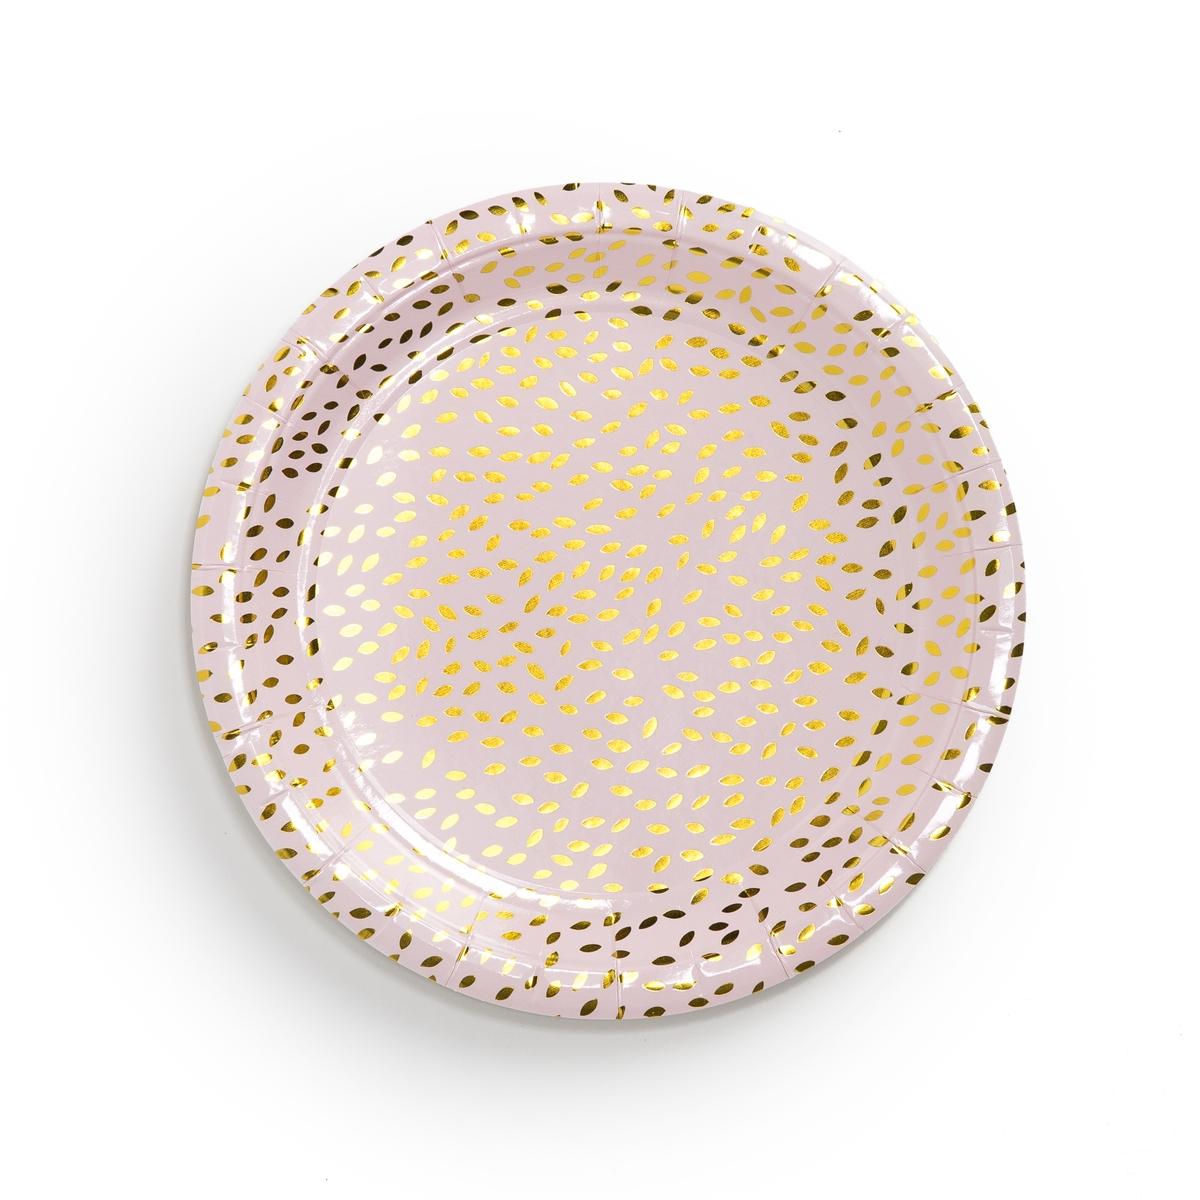 Тарелки картонные с рисунком F?LIA (8 шт.)Описание:Комплект из 8 тарелок из картона La Redoute Interieurs : праздничный рисунок для радостных и душевным моментов.Характеристики 8 тарелок: •  Картон •  Одноразовые тарелки •  Розового цвета с золотистым рисункомРазмеры 8 тарелок: •  Диаметр: 23 смВсю коллекцию столового декора вы найдете на сайте laredoute.<br><br>Цвет: рисунок золотистый